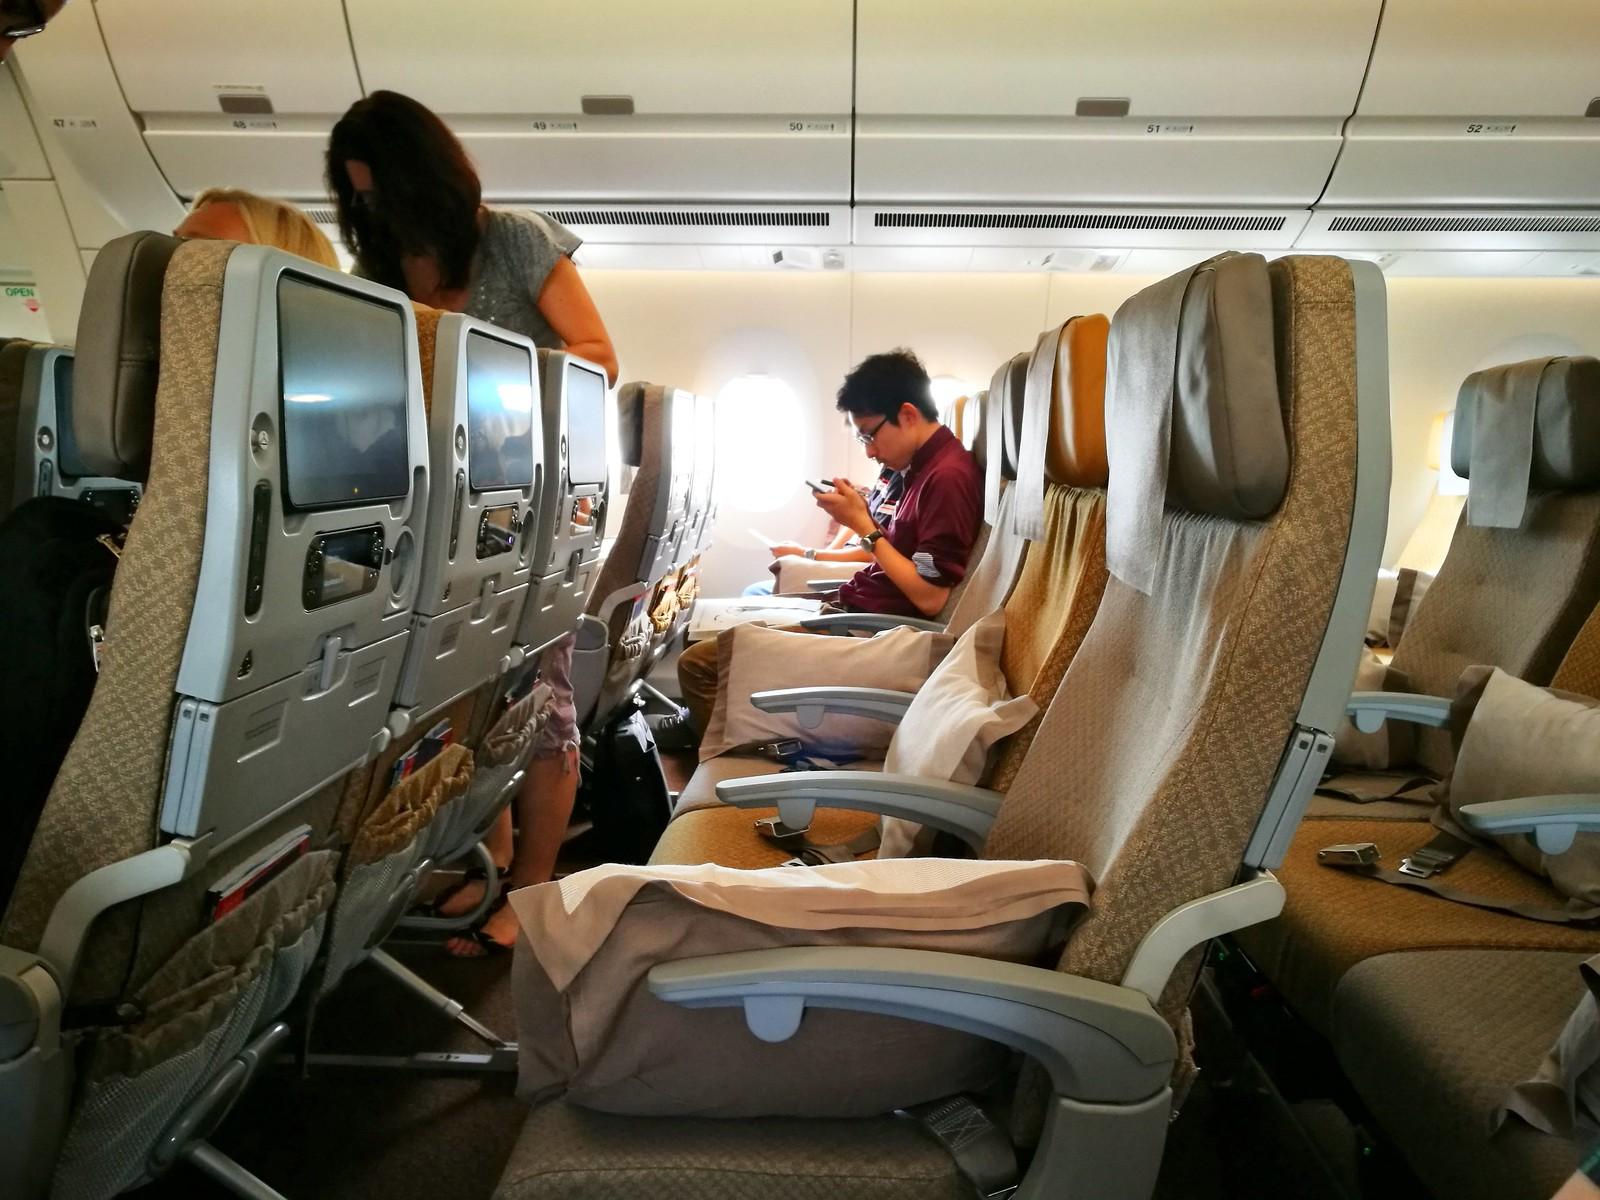 A350 Economy class cabin